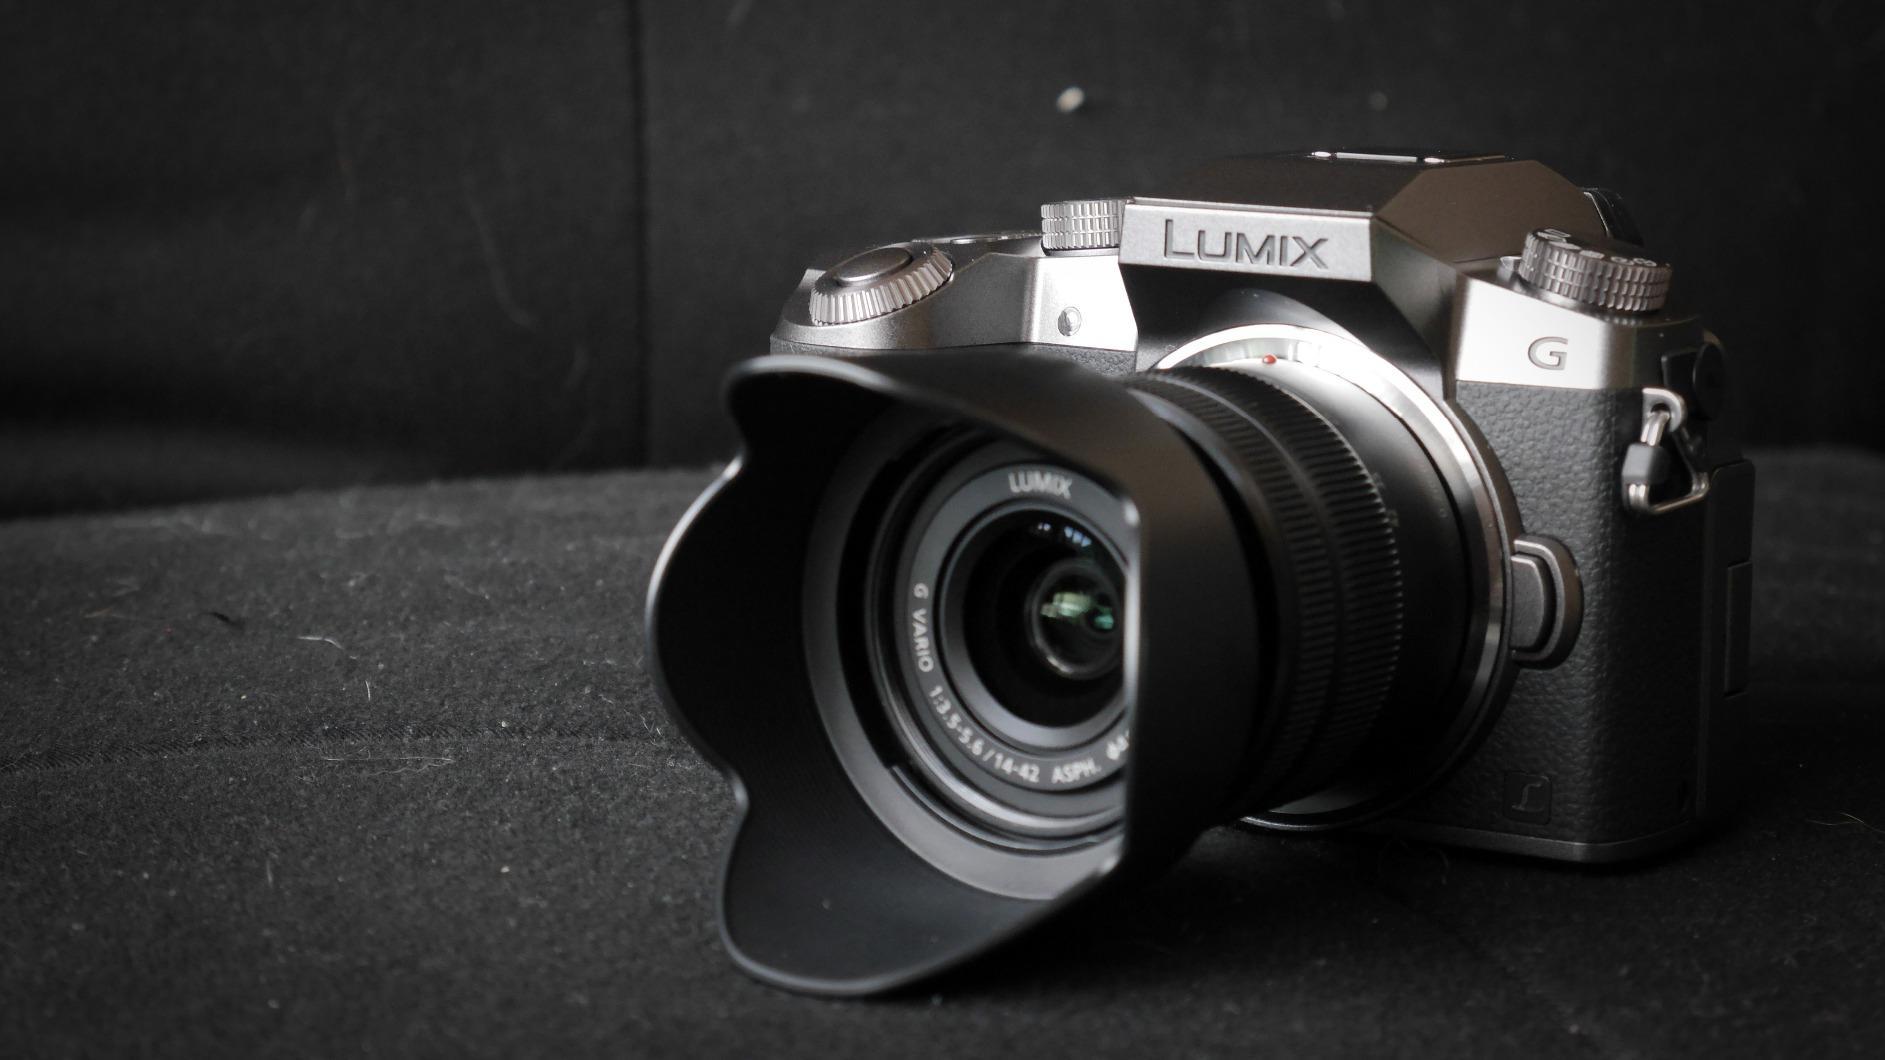 Lumix DMC-G7KK